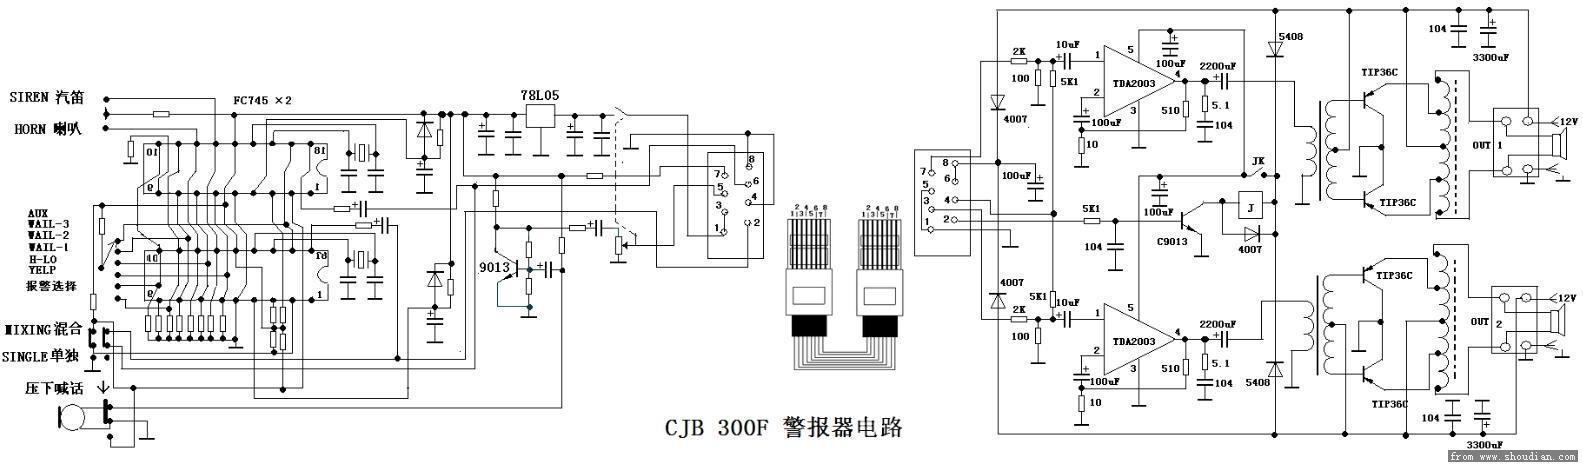 想在功放电路前加一路辅助音频输入,接个手机或mp3之类的音源